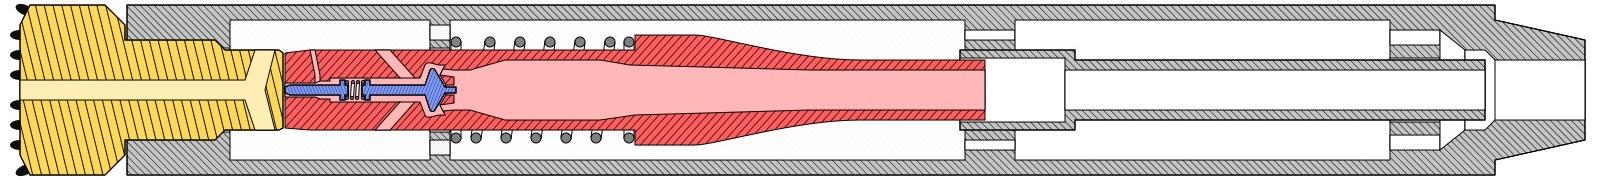 Cyphelly-Hammer